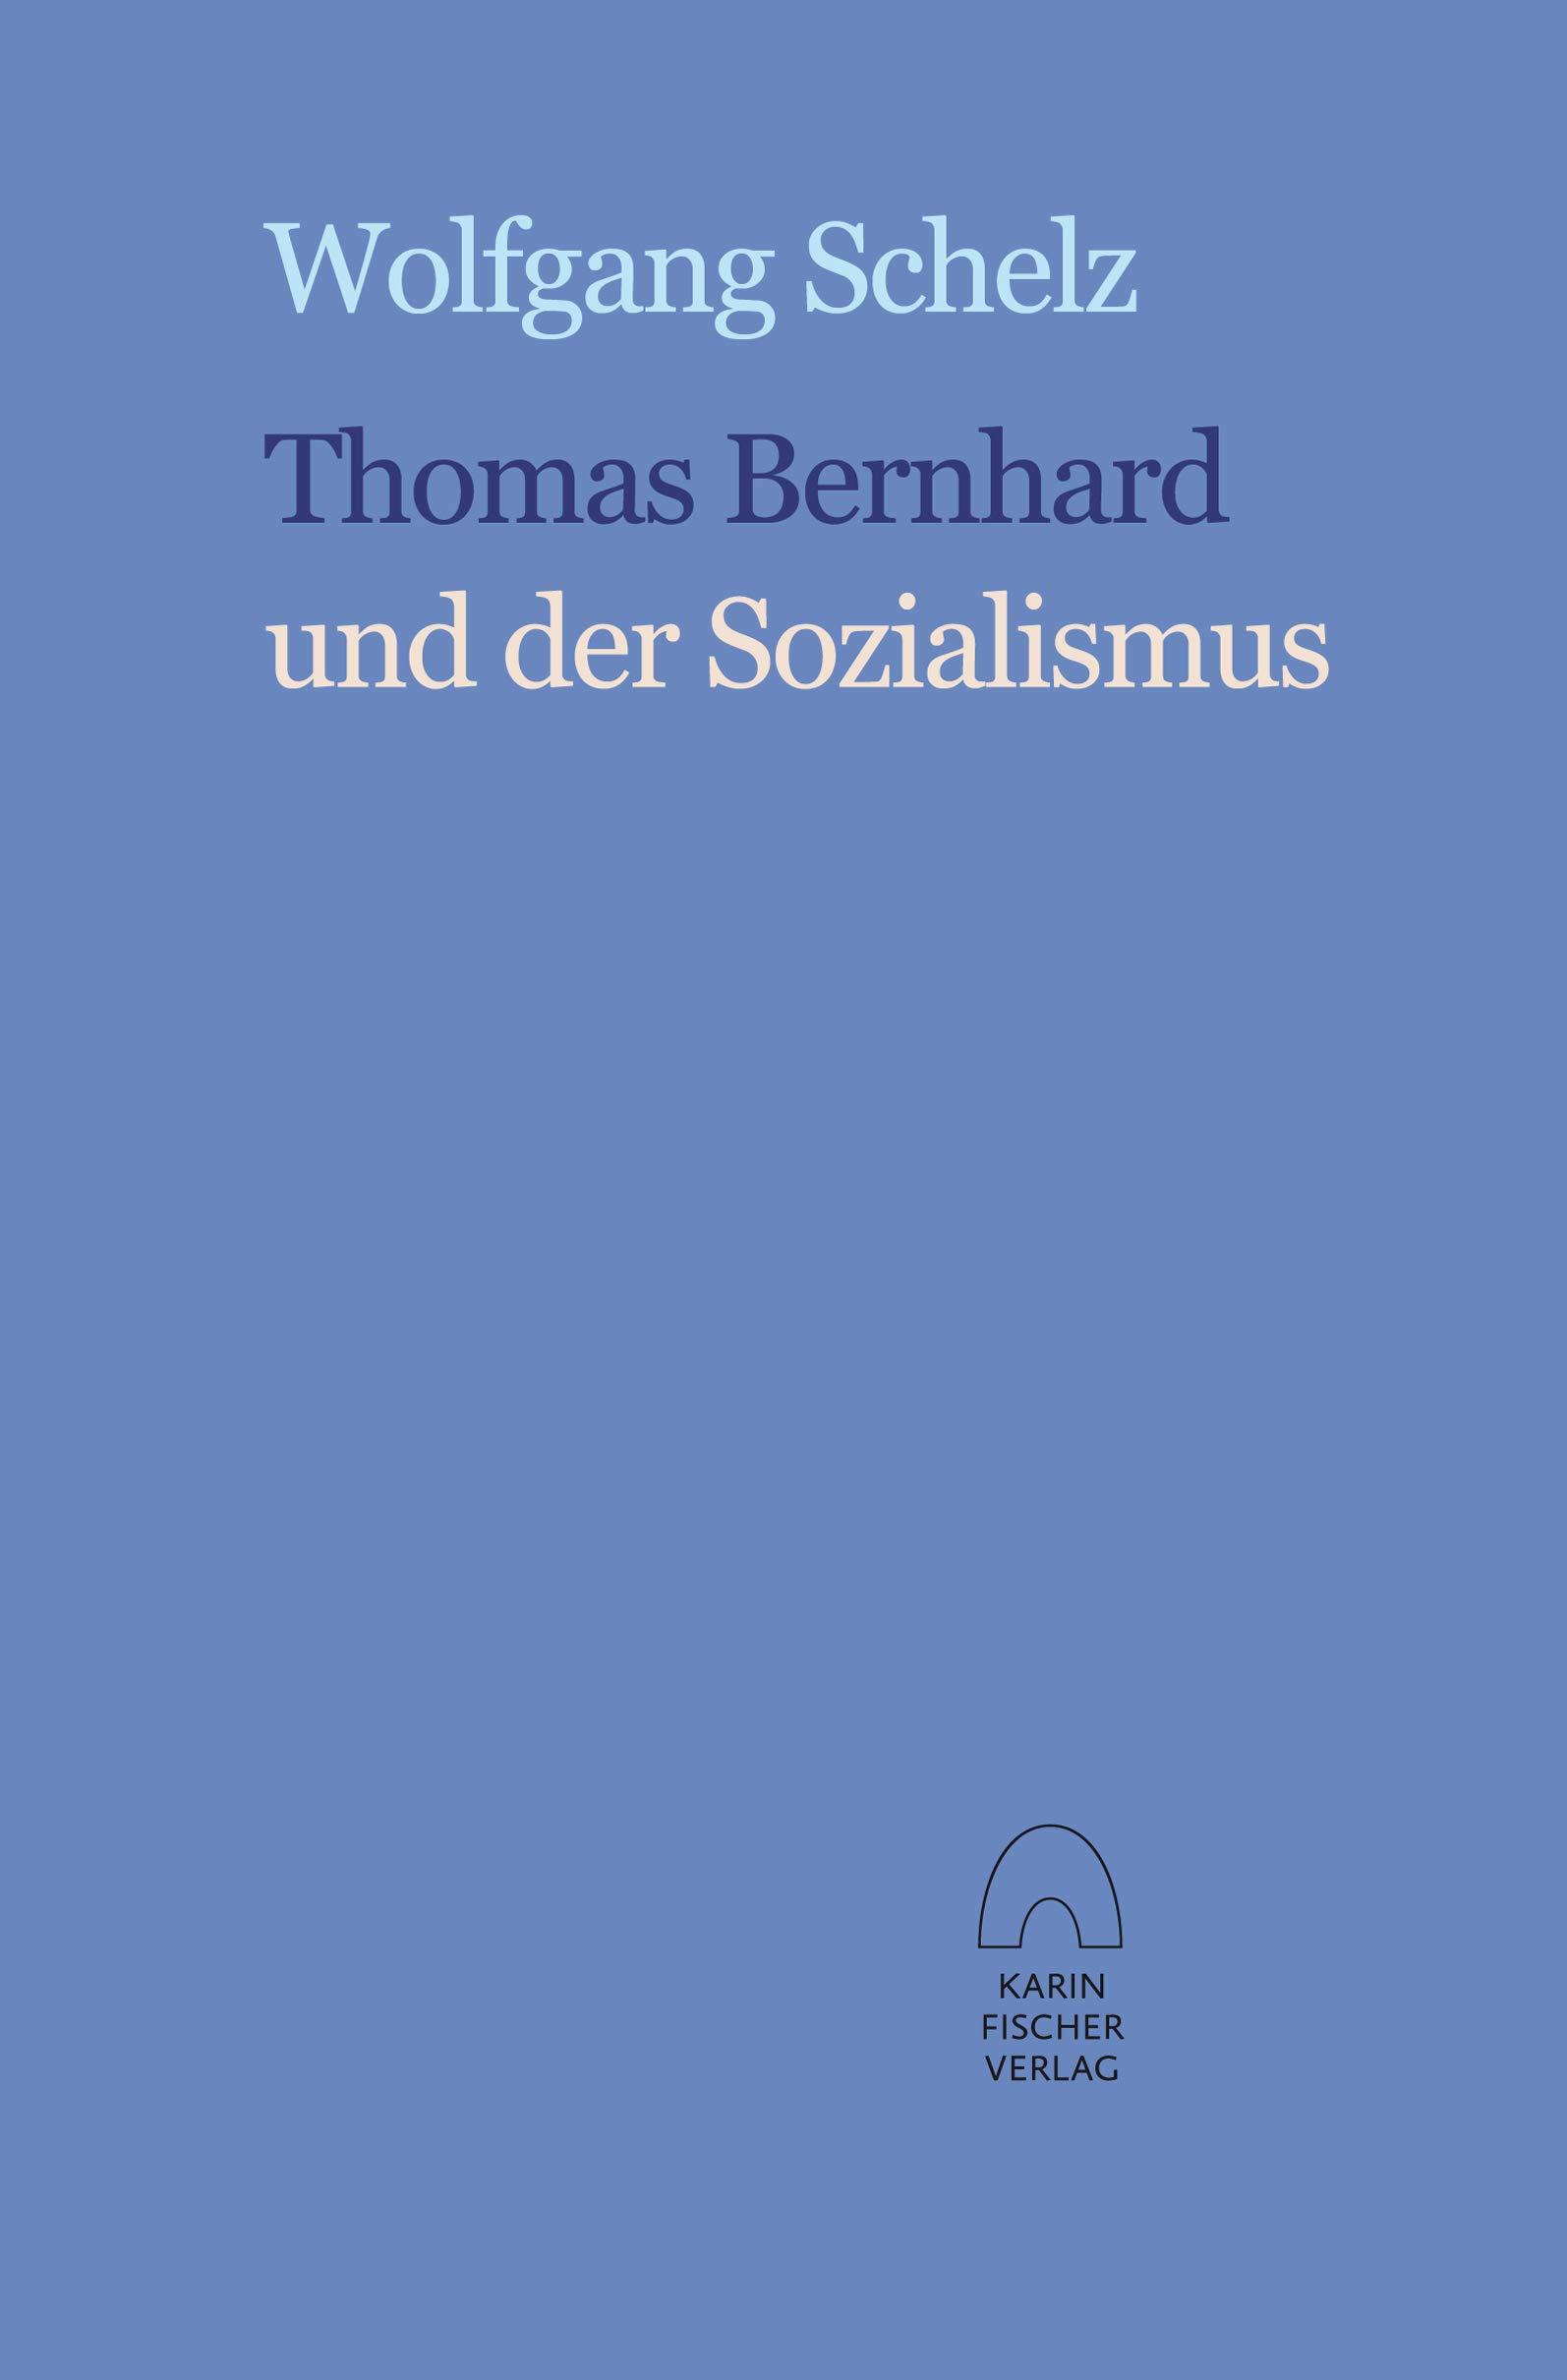 Thomas Bernhard und der Sozialismus